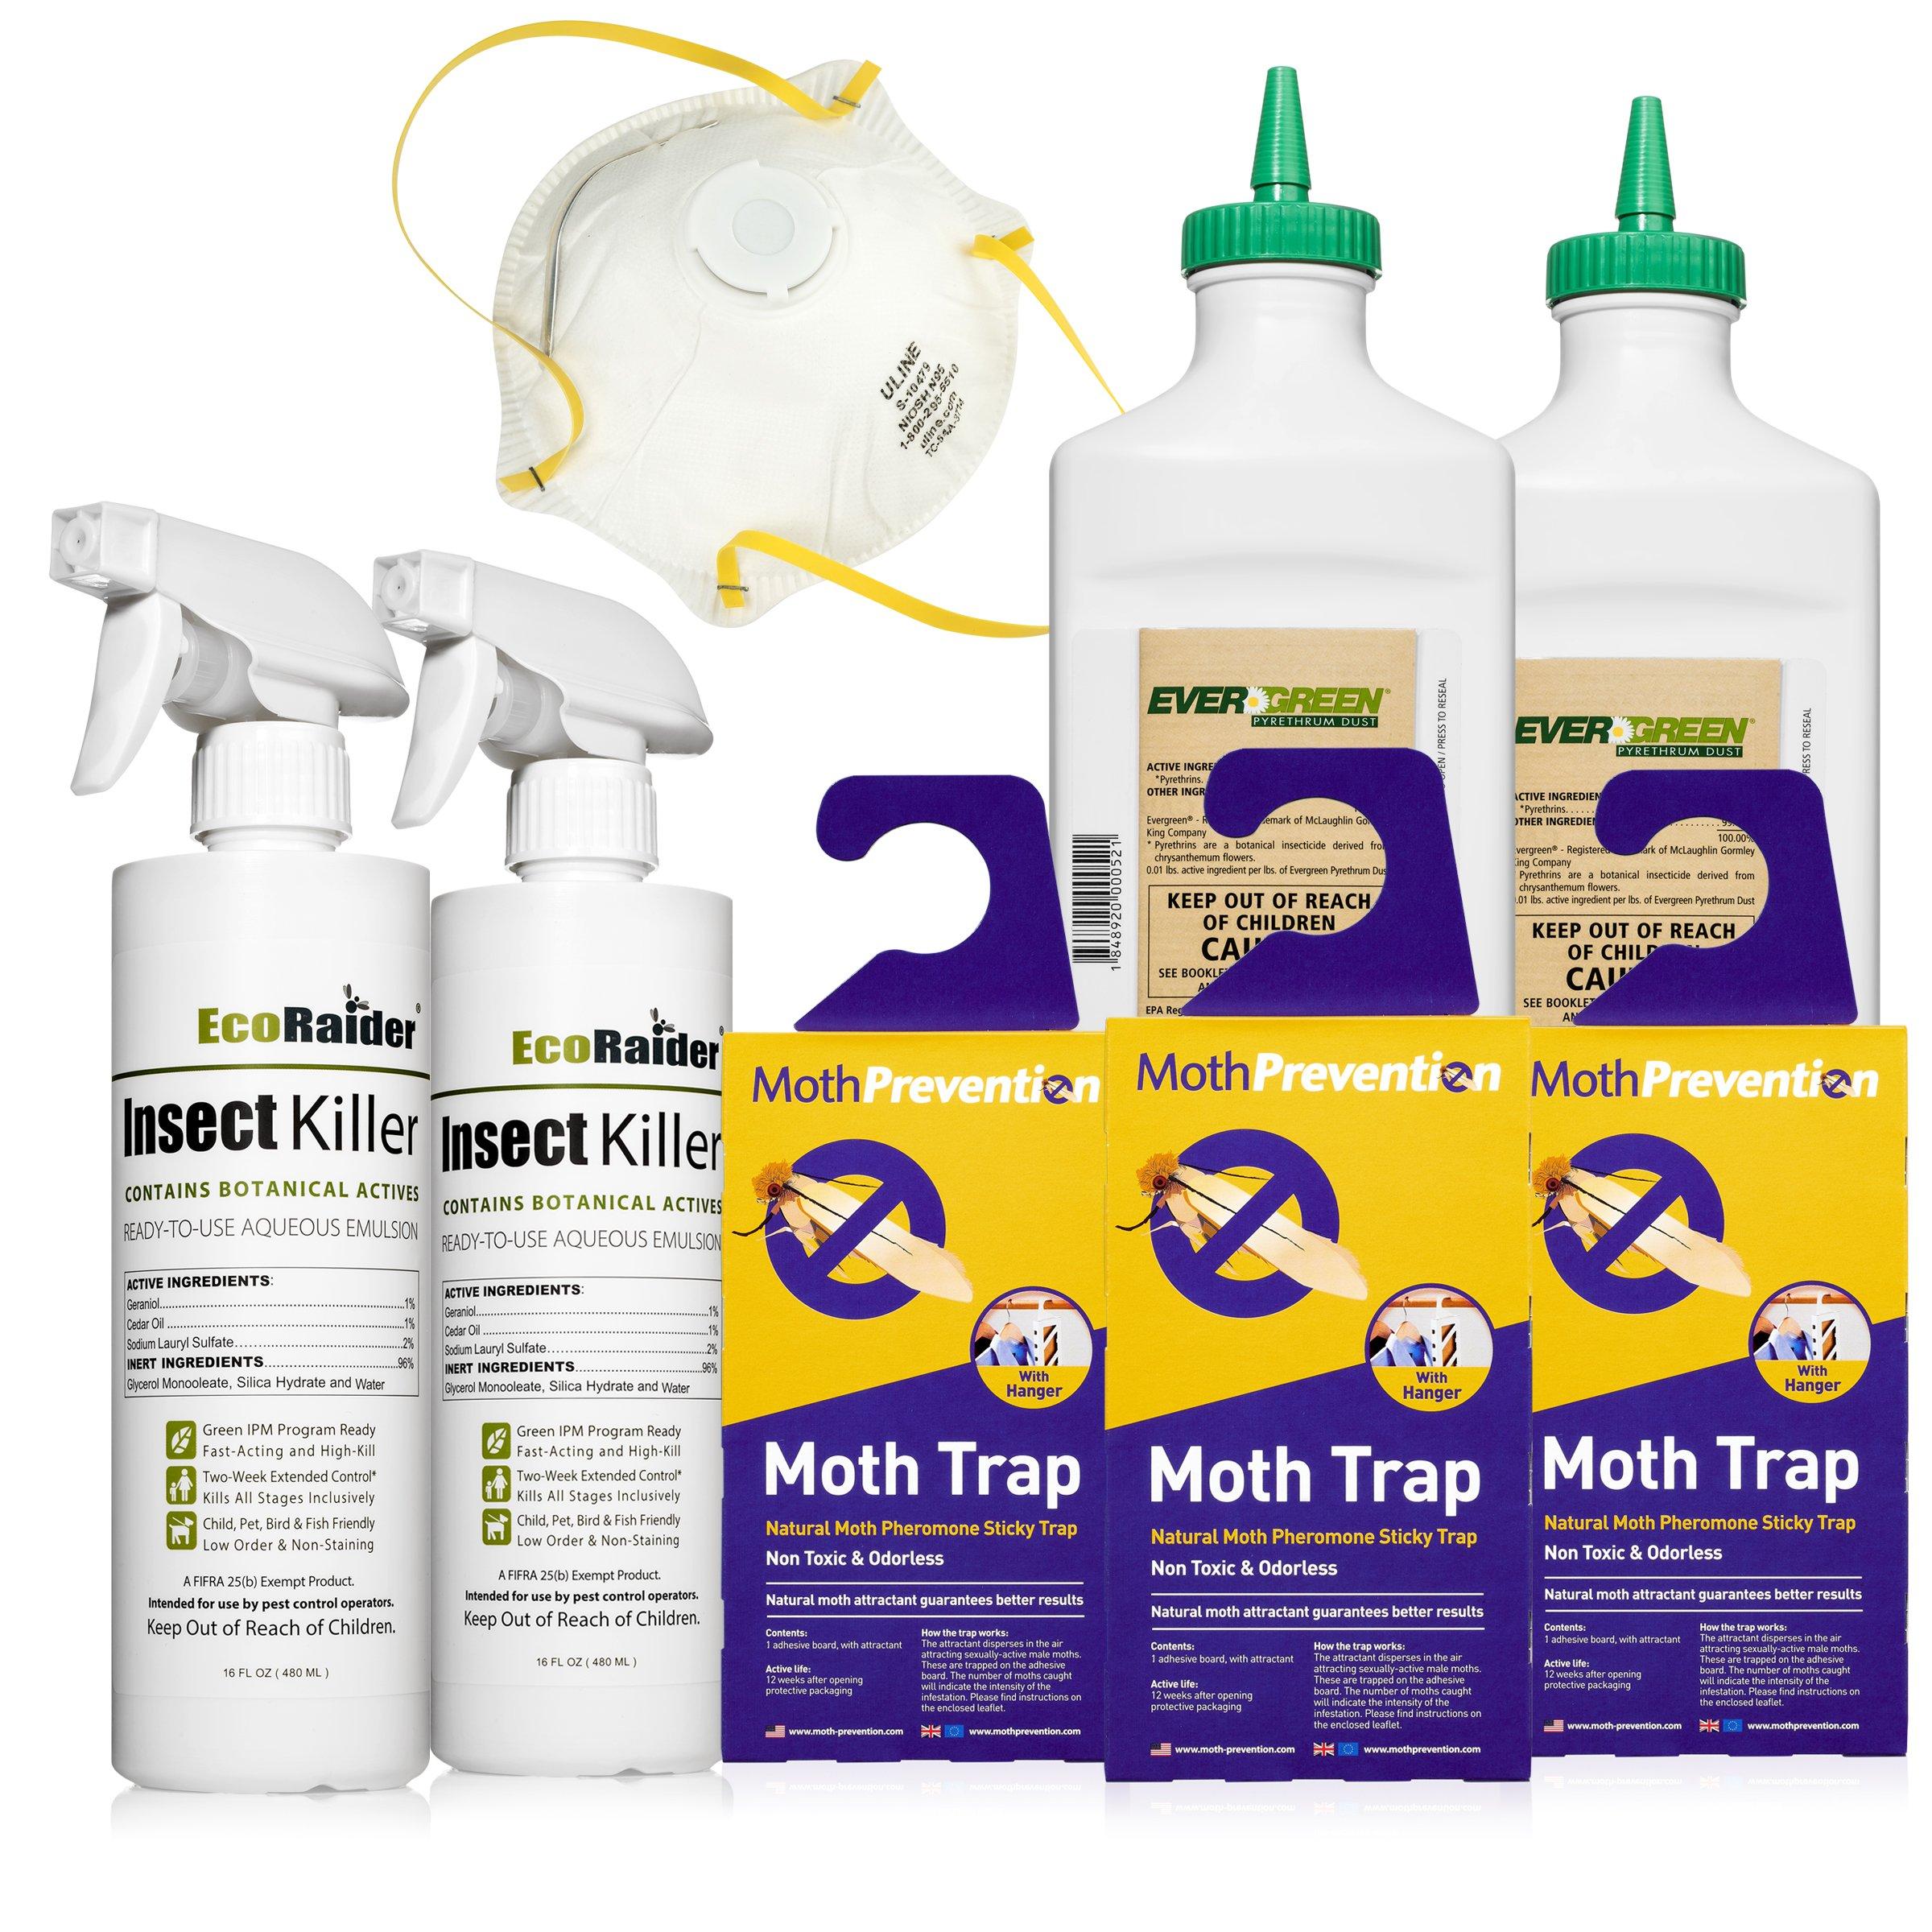 CARPET MOTH KILLER KIT - Natural Moth Killer Kit by Moth Prevention - 2 to 3 Room Treatment